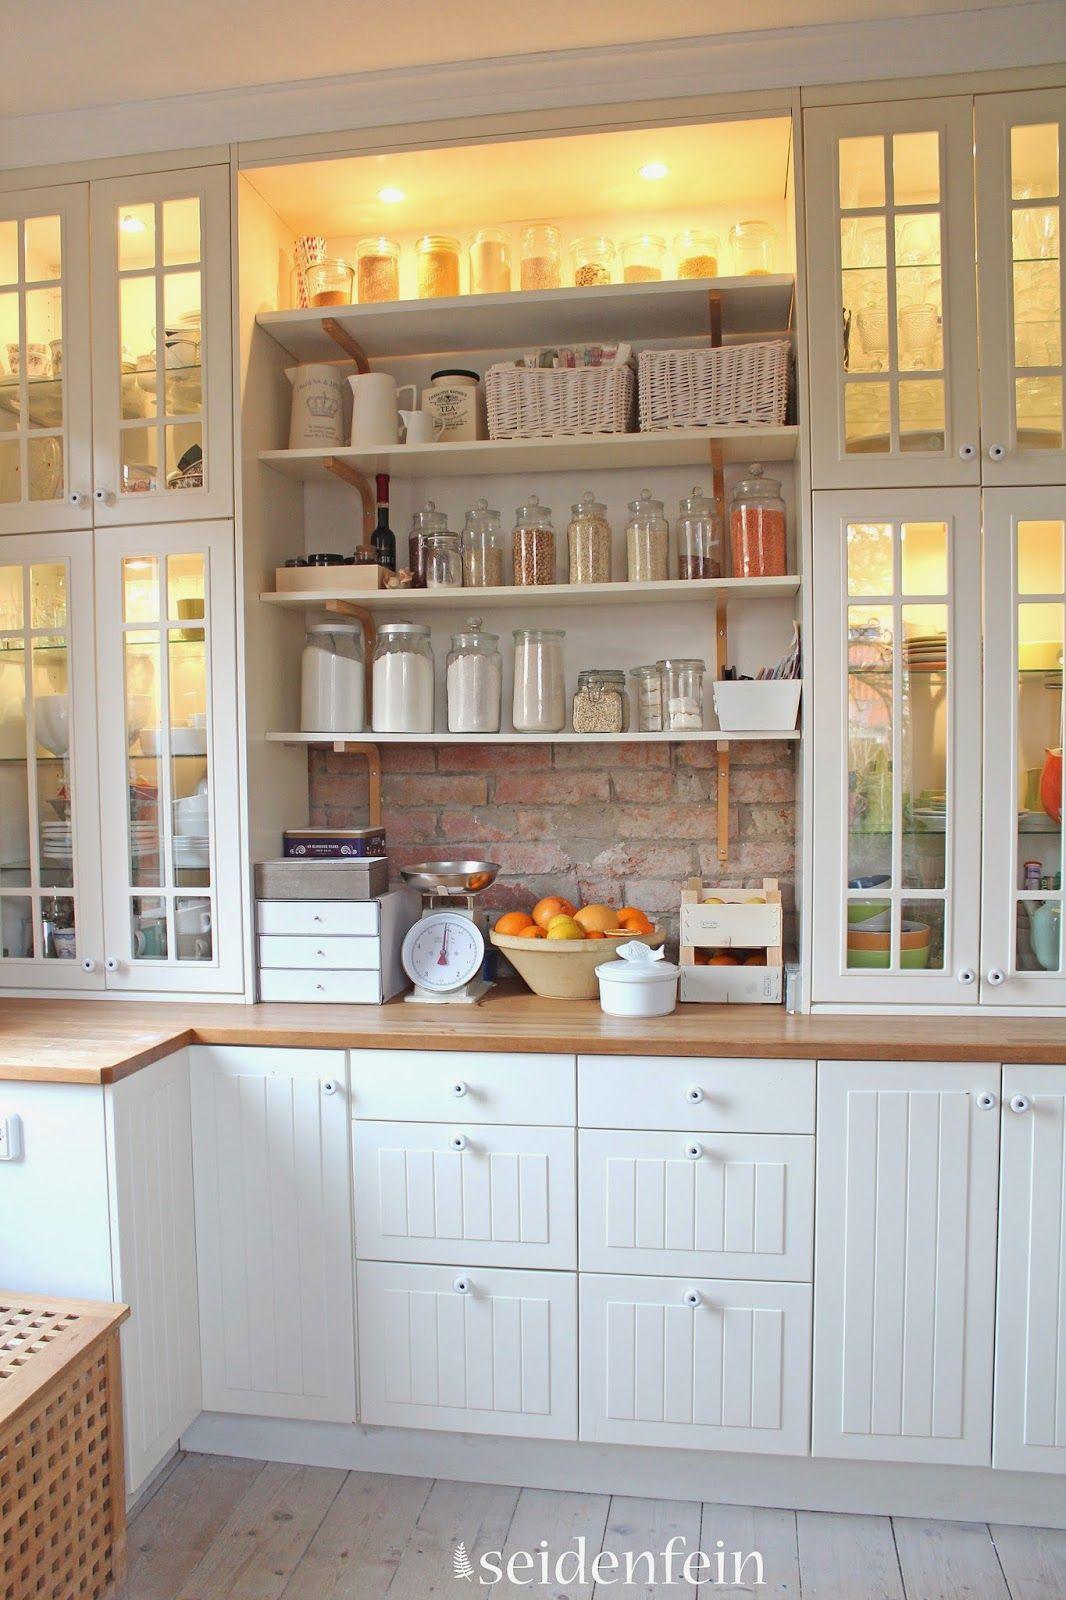 U-förmige küchendesigns such a charming kitchen  seidenfeins dekoblog küchen makeover